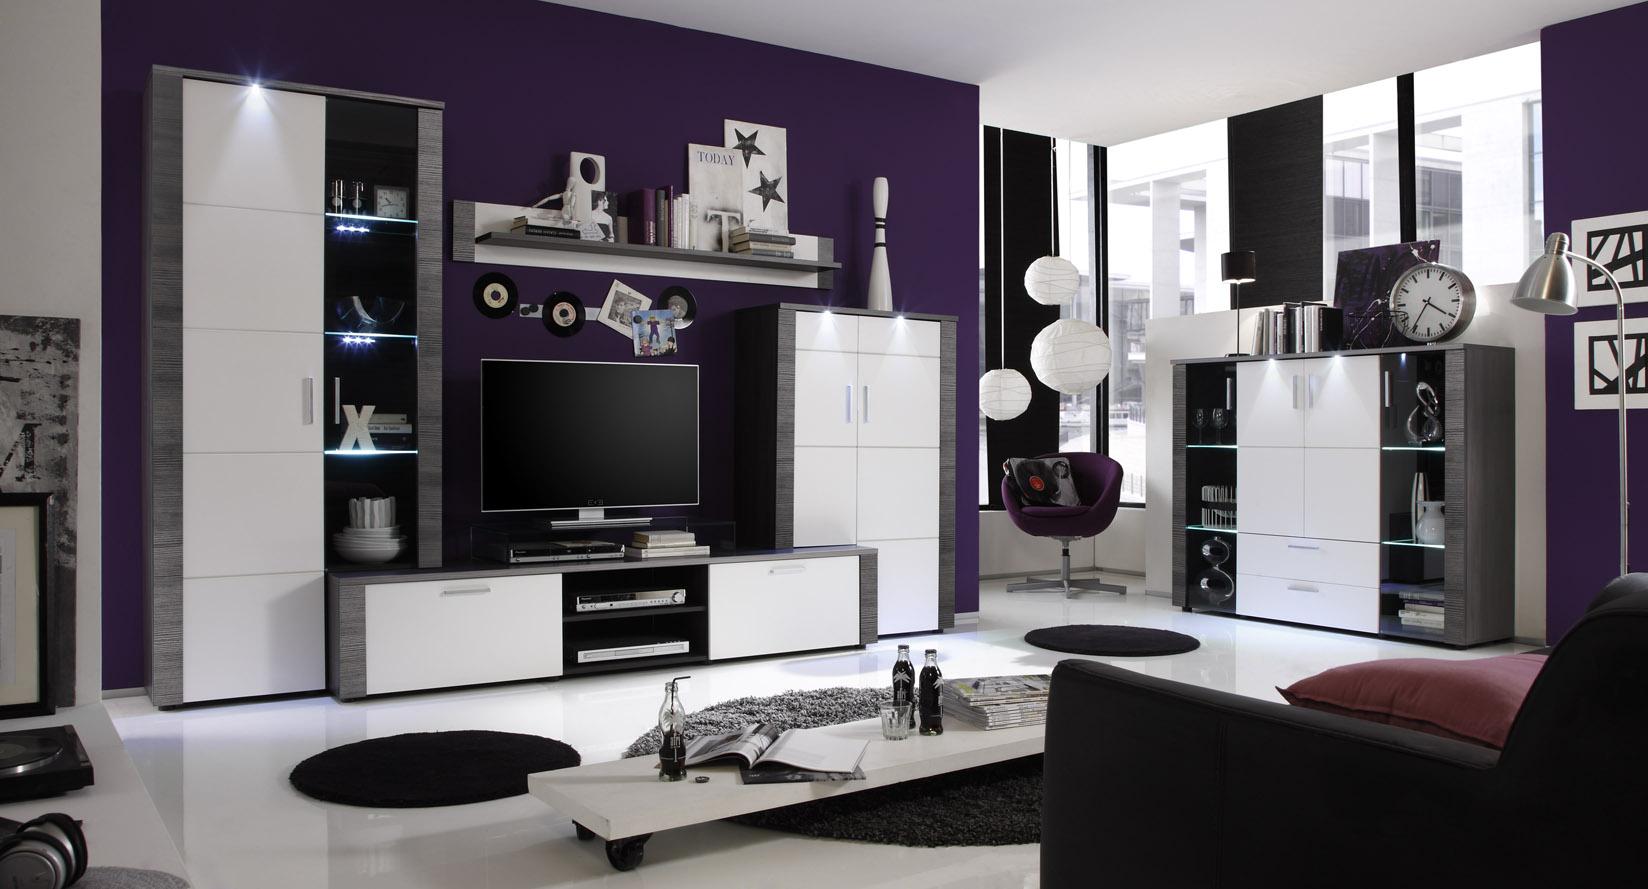 Wohnzimmer In Grau | Jtleigh.com - Hausgestaltung Ideen Wohnzimmer Grau Weis